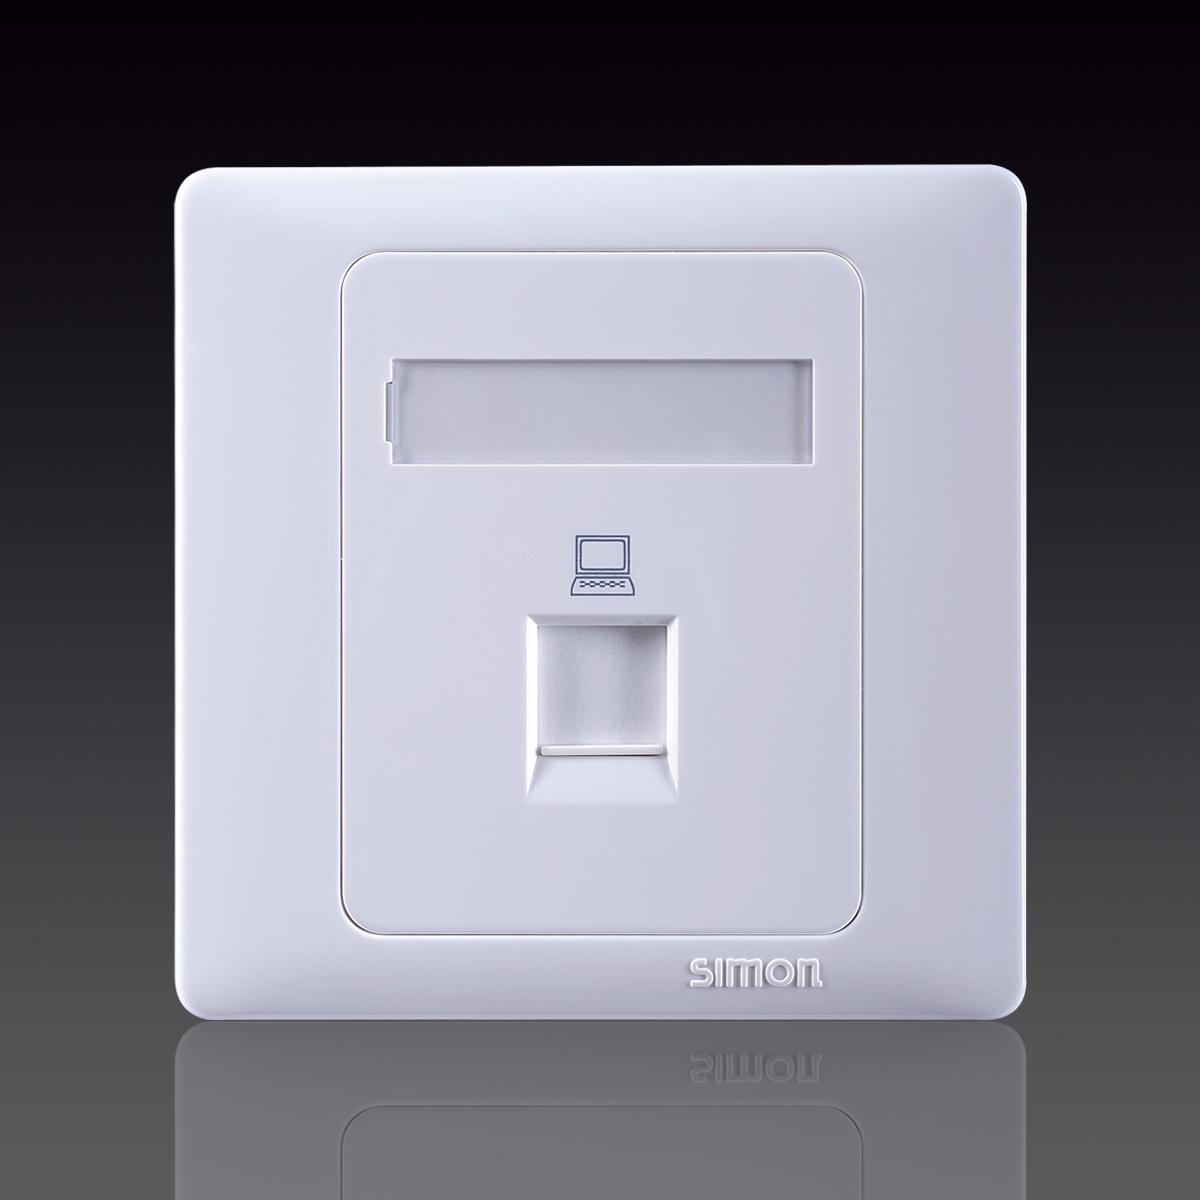 西蒙开关插座西蒙50系列50G工程电脑插座单口网线面板网络G55218S